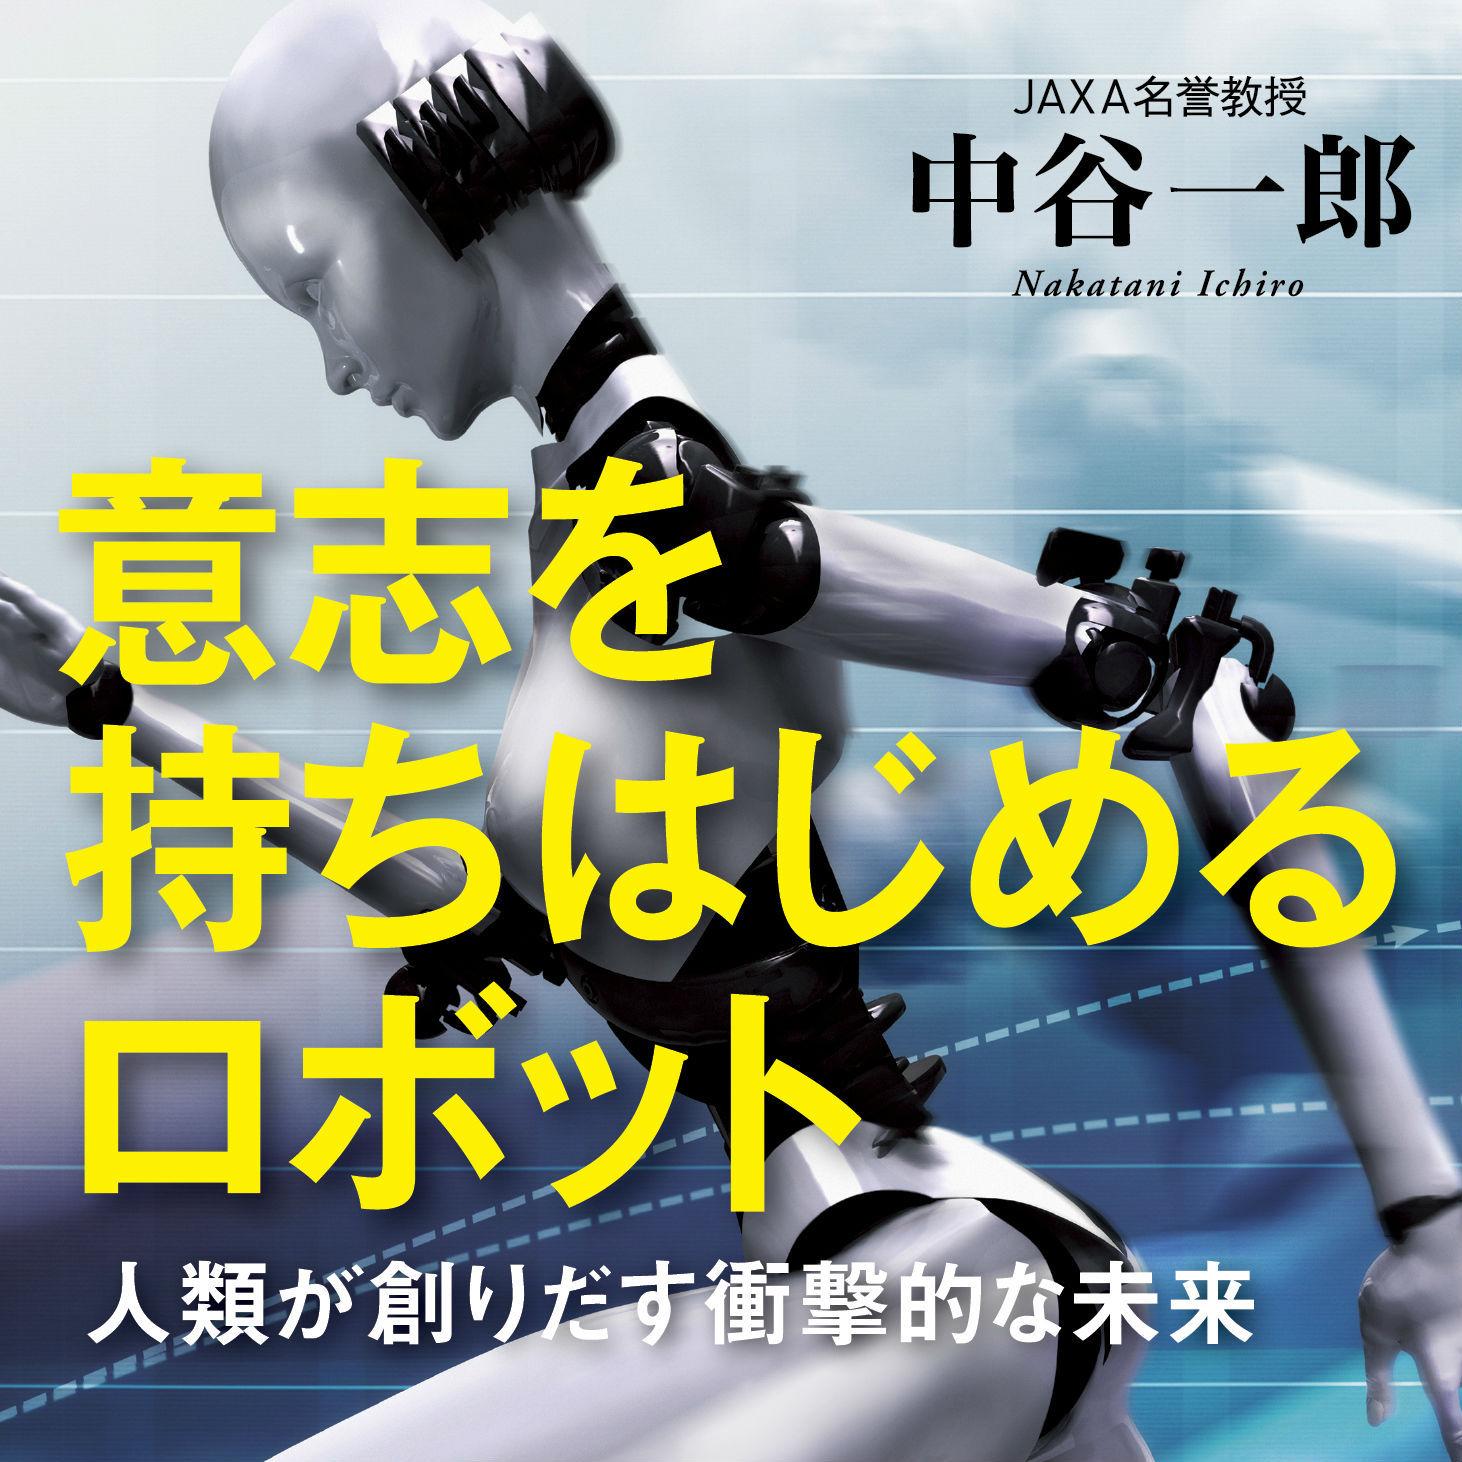 人類は300年後に絶滅し、ロボットと融合した新種生物が現れる?